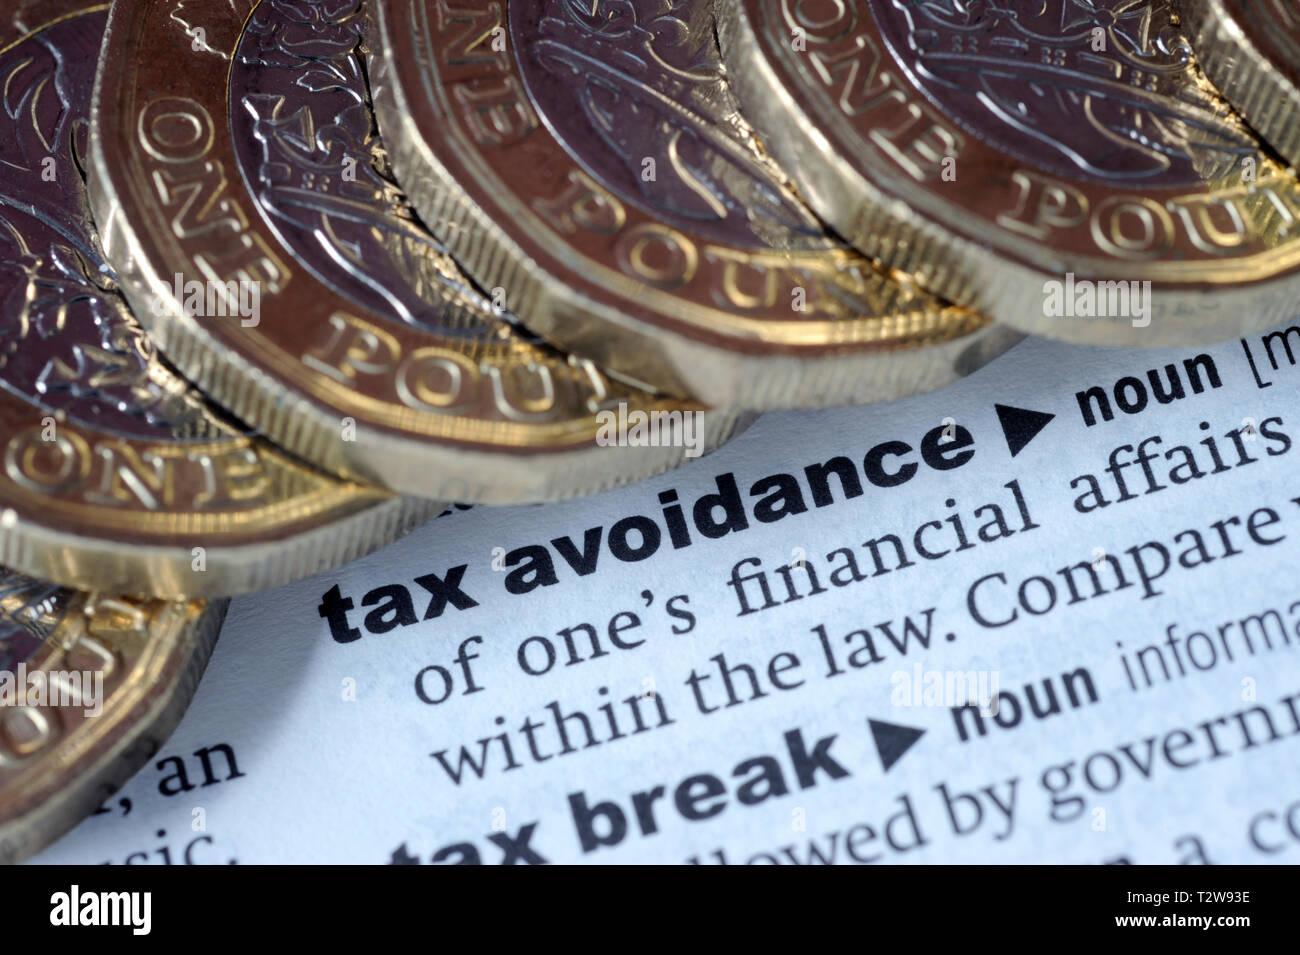 Definición de diccionario de la EVASIÓN FISCAL CON UNA LIBRA monedas vuelven pensiones HMRC IMPUESTOS ETC UK Imagen De Stock